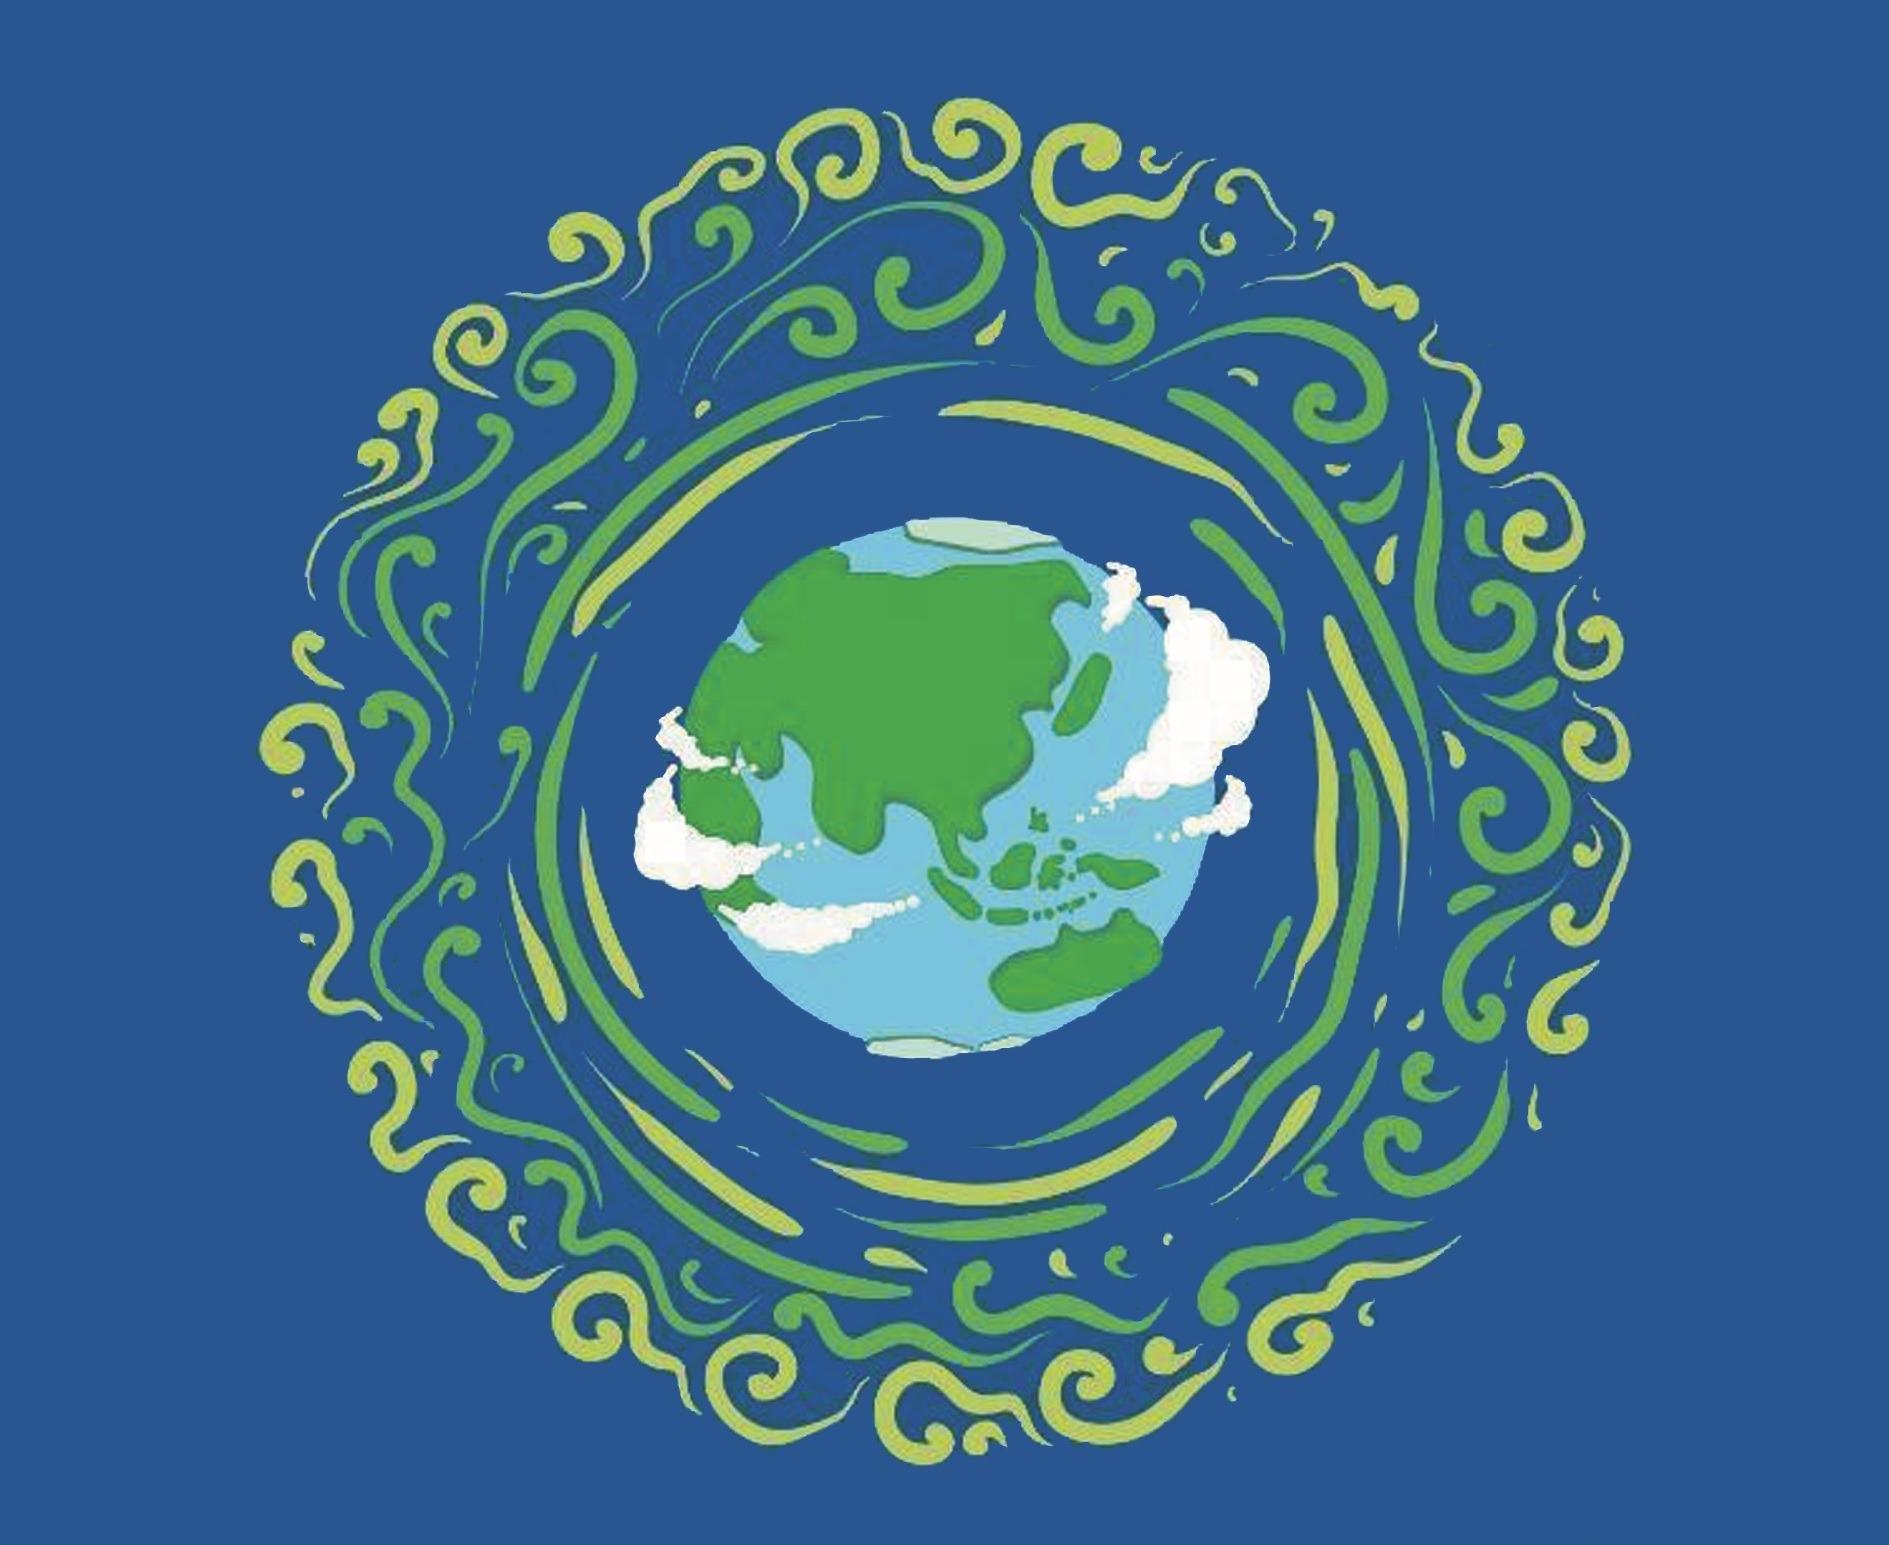 روز زمین پاک فرصتی برای در خواست از دولت برای حمایت بیشتر از مترو